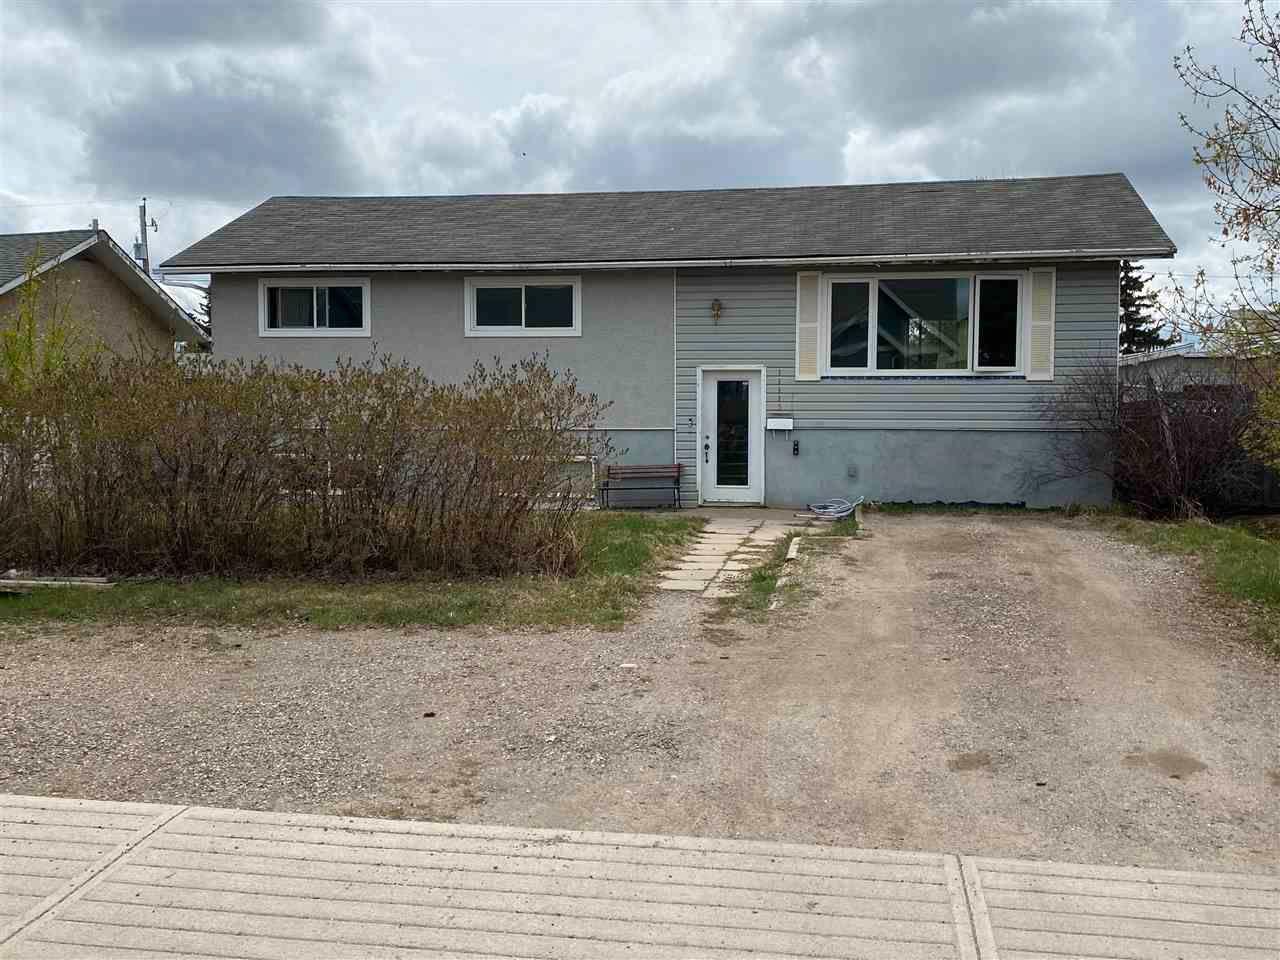 Main Photo: 11115 102 Avenue in Fort St. John: Fort St. John - City NW House for sale (Fort St. John (Zone 60))  : MLS®# R2543377